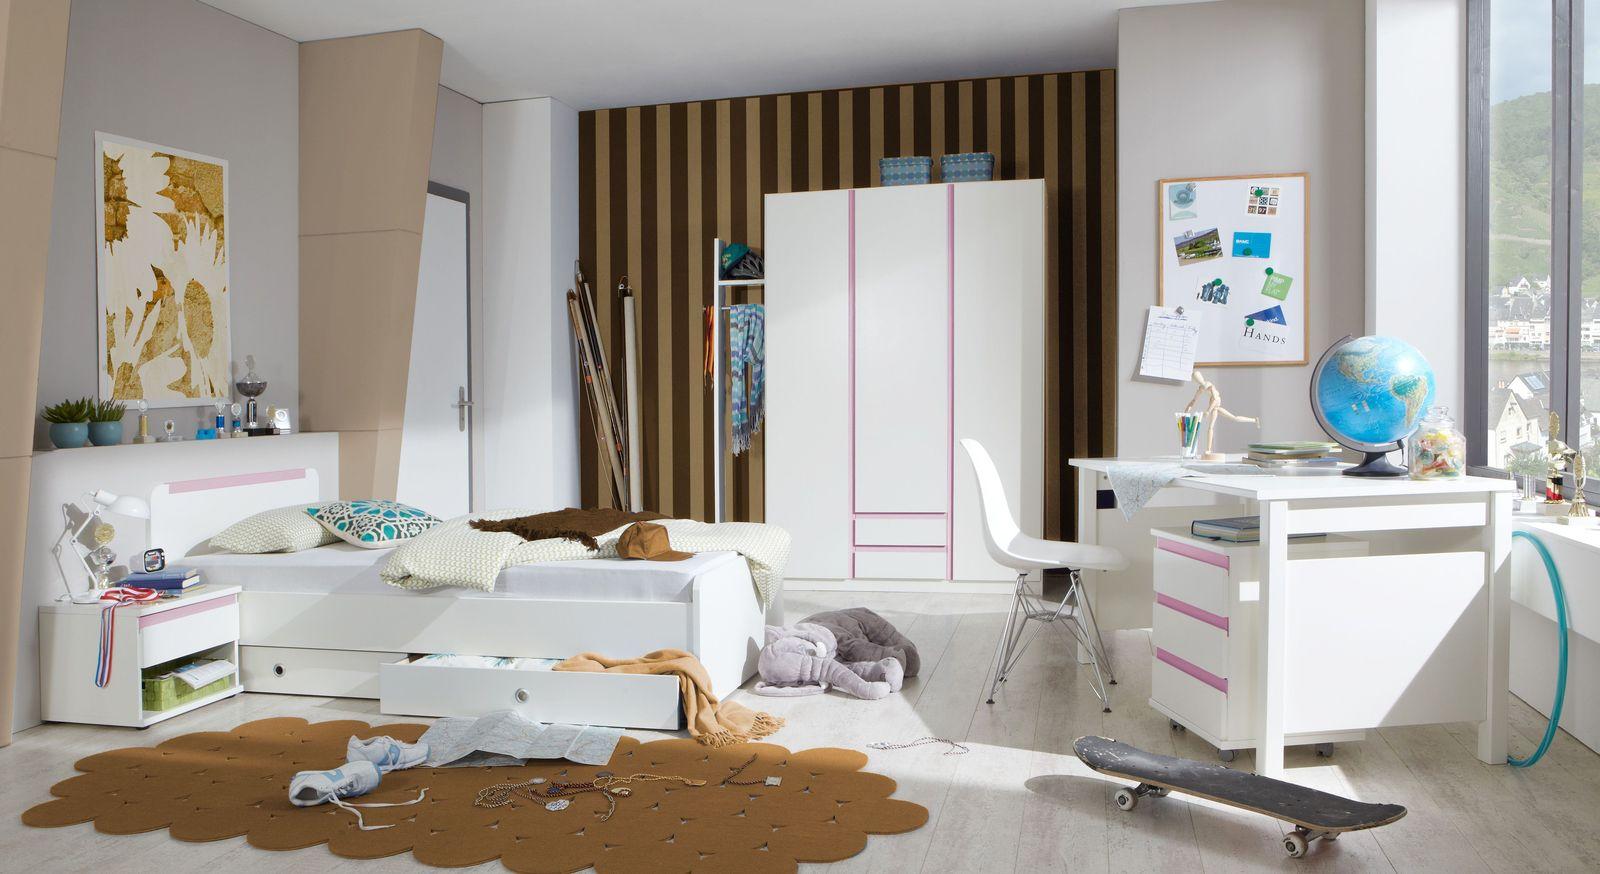 Modernes Jugendzimmer   Maak Het U Gemakkelijk Om Uw Huis Te Versieren Met  Onze Ideeën Voor Fotoverzamelingen, Zoals Meubeldesign, Kamerinrichting,  Enz.